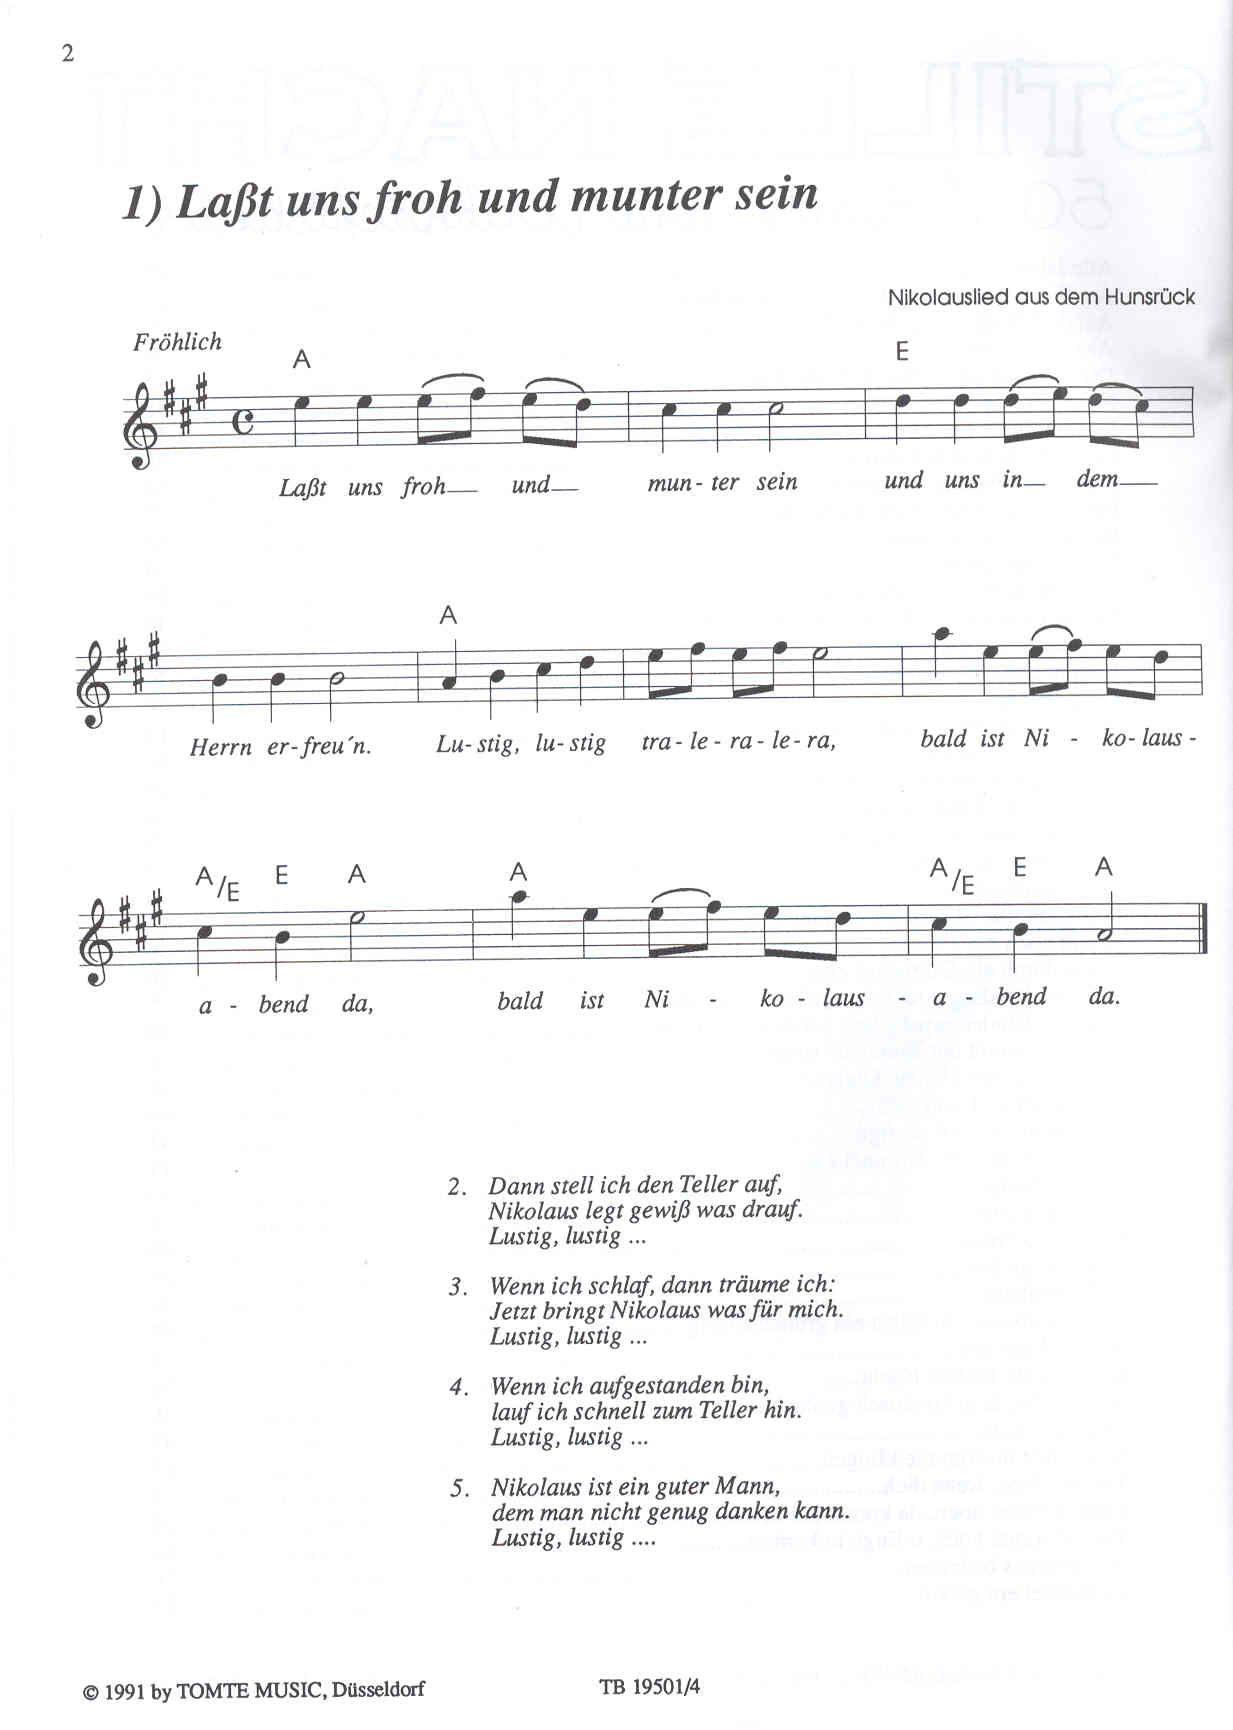 Stille Nacht - 50 Advents- & Weihnachtslieder (Buch/CD)